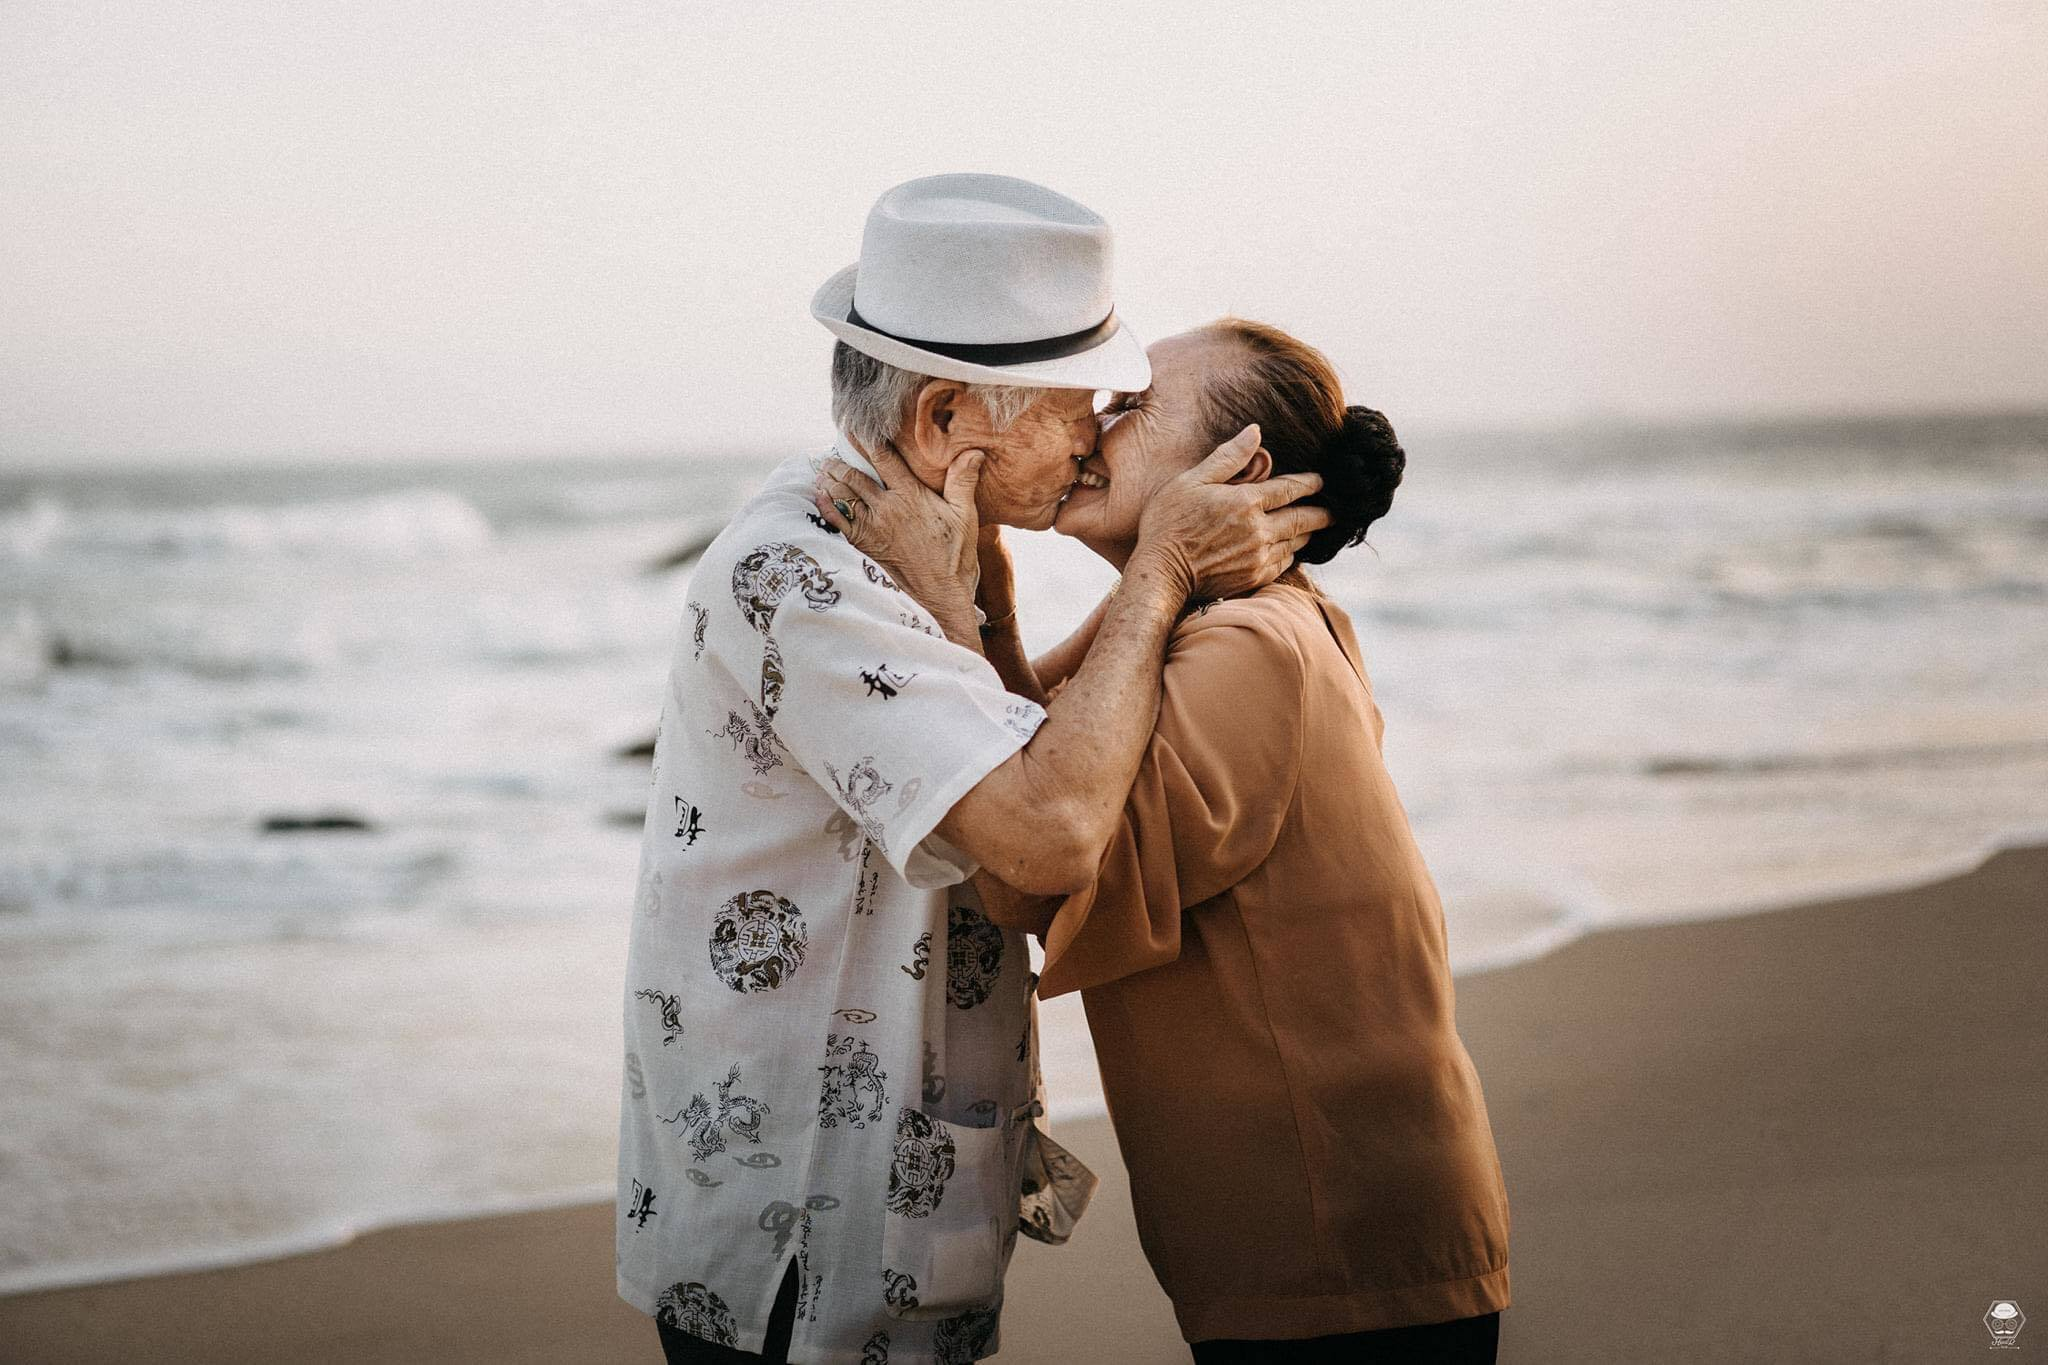 Dân mạng tan chảy trước bộ ảnh 'mái đầu bạc, tình yêu xanh' của cặp vợ chồng già